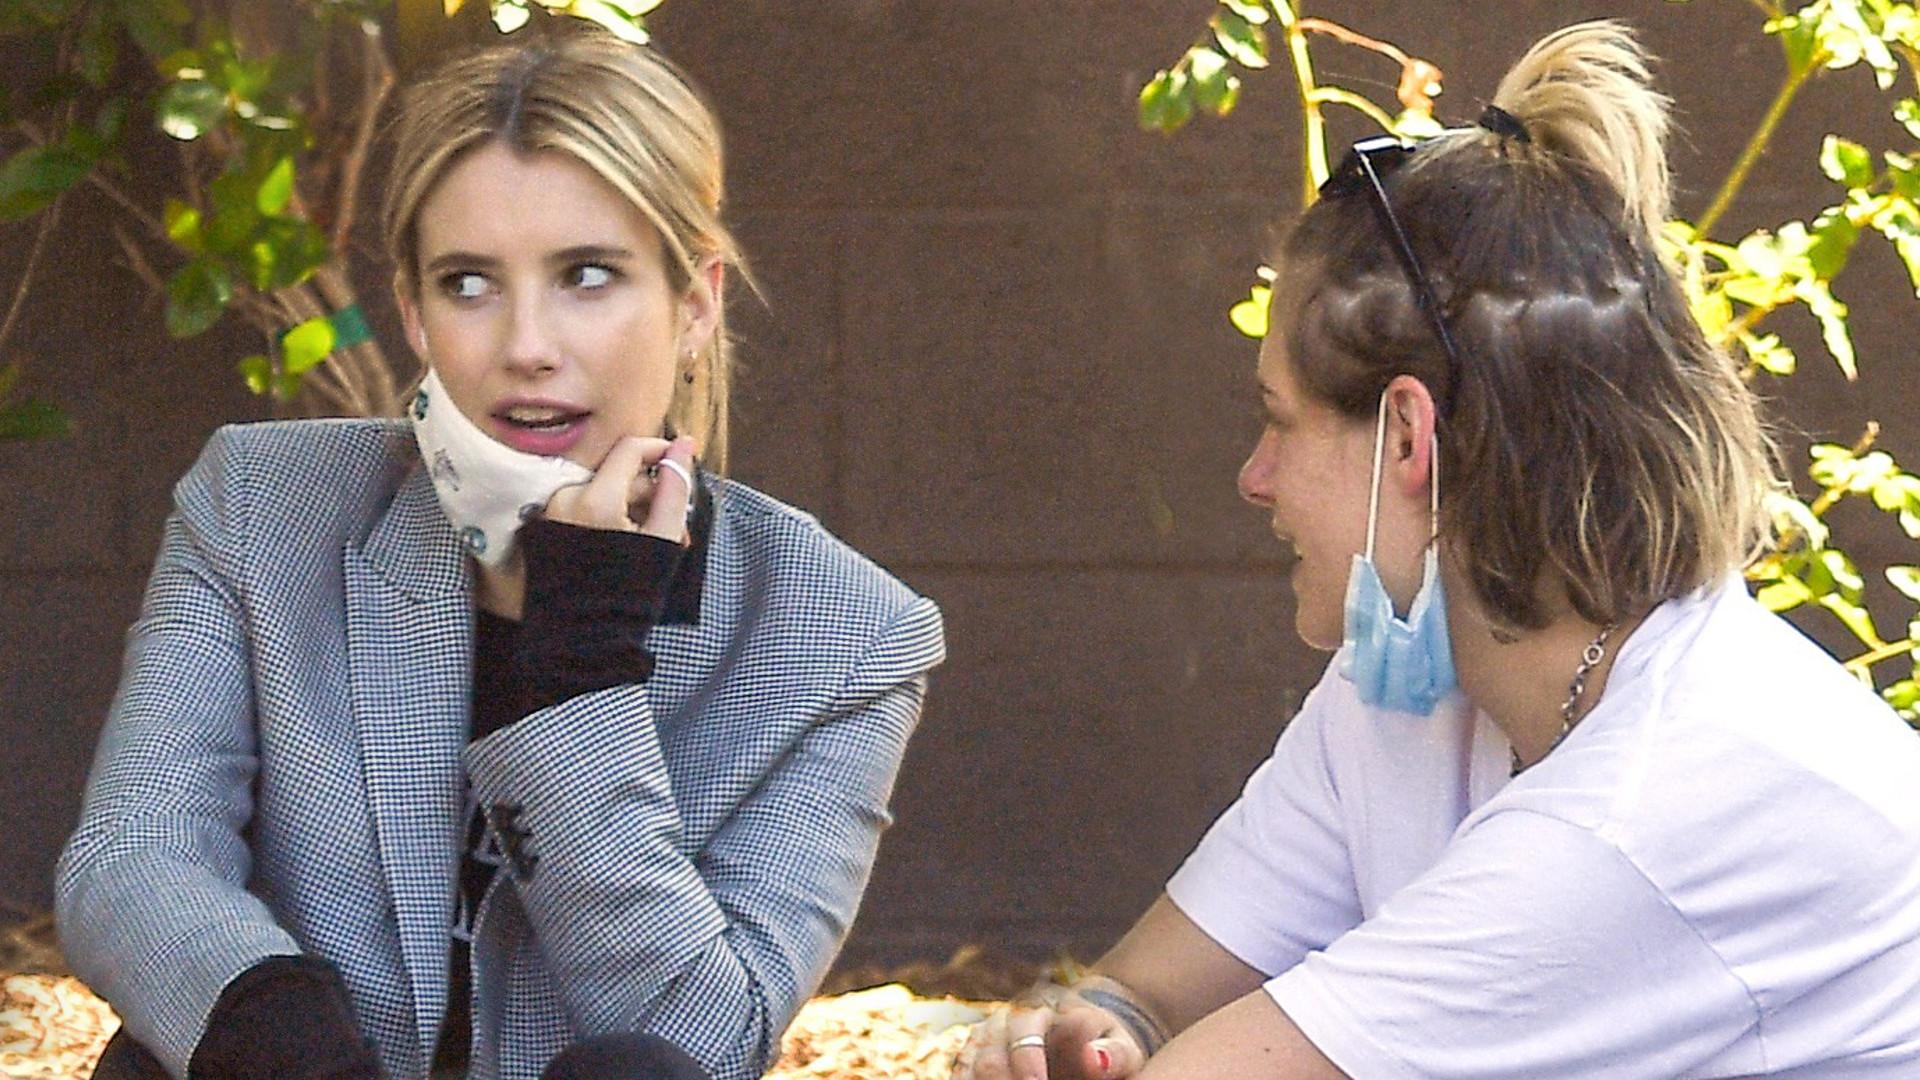 Ciężarna i wystrojona Emma Roberts spotkała się z Kristen Stewart. Aktorka próbowała ukryć rosnący brzuszek